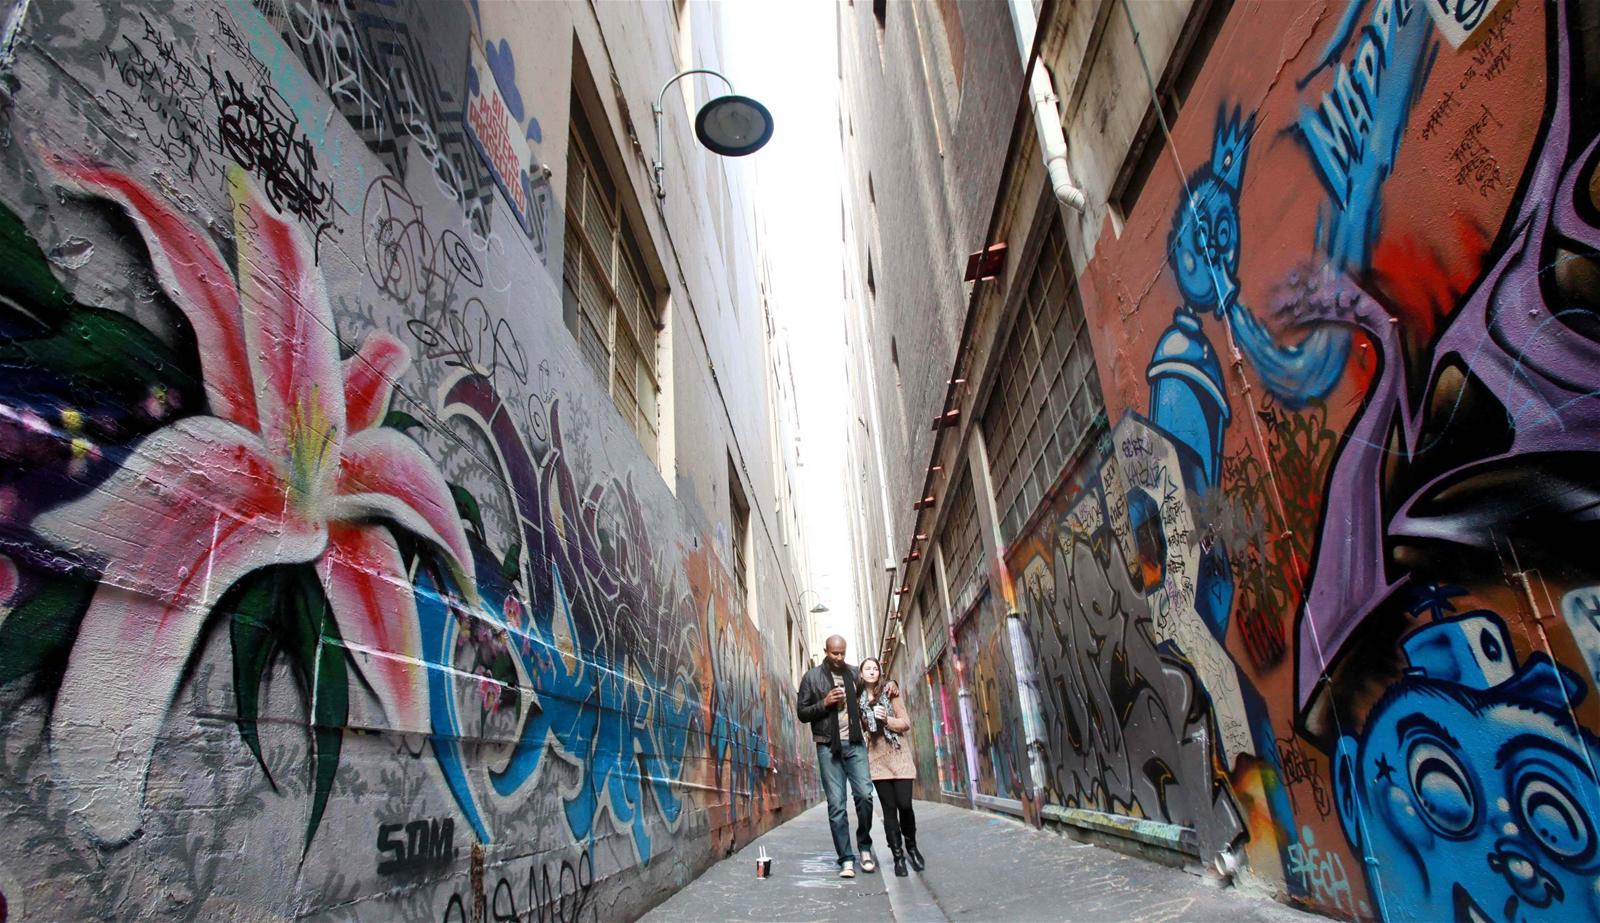 Graffiti - Bảo tàng nghệ thuật ngoài trời ở Melbourne